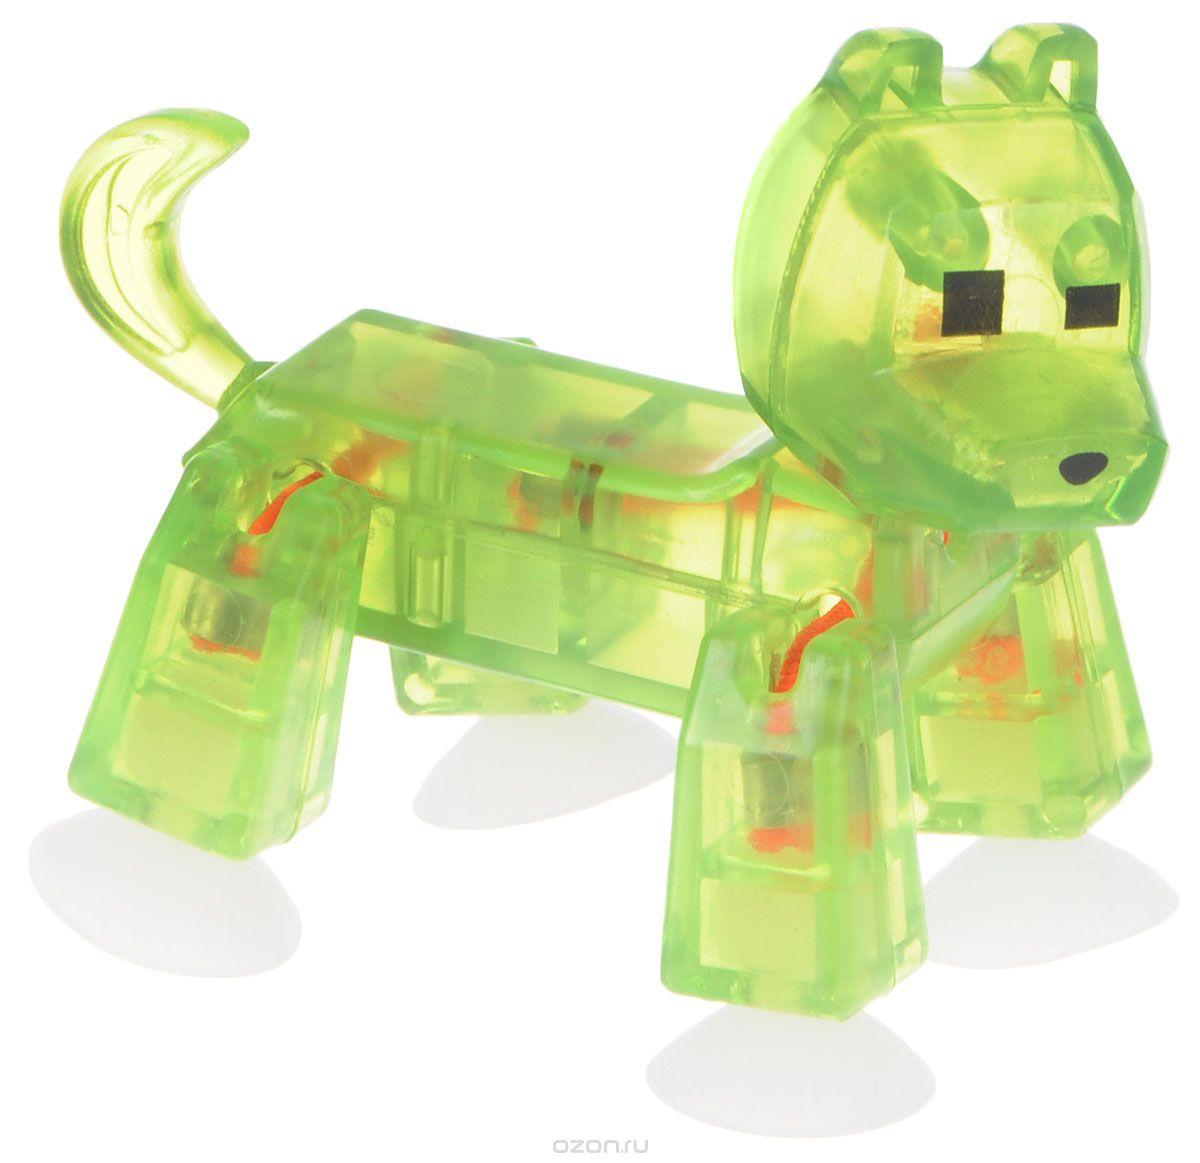 Стикбот животные Stikbot Pets  купить